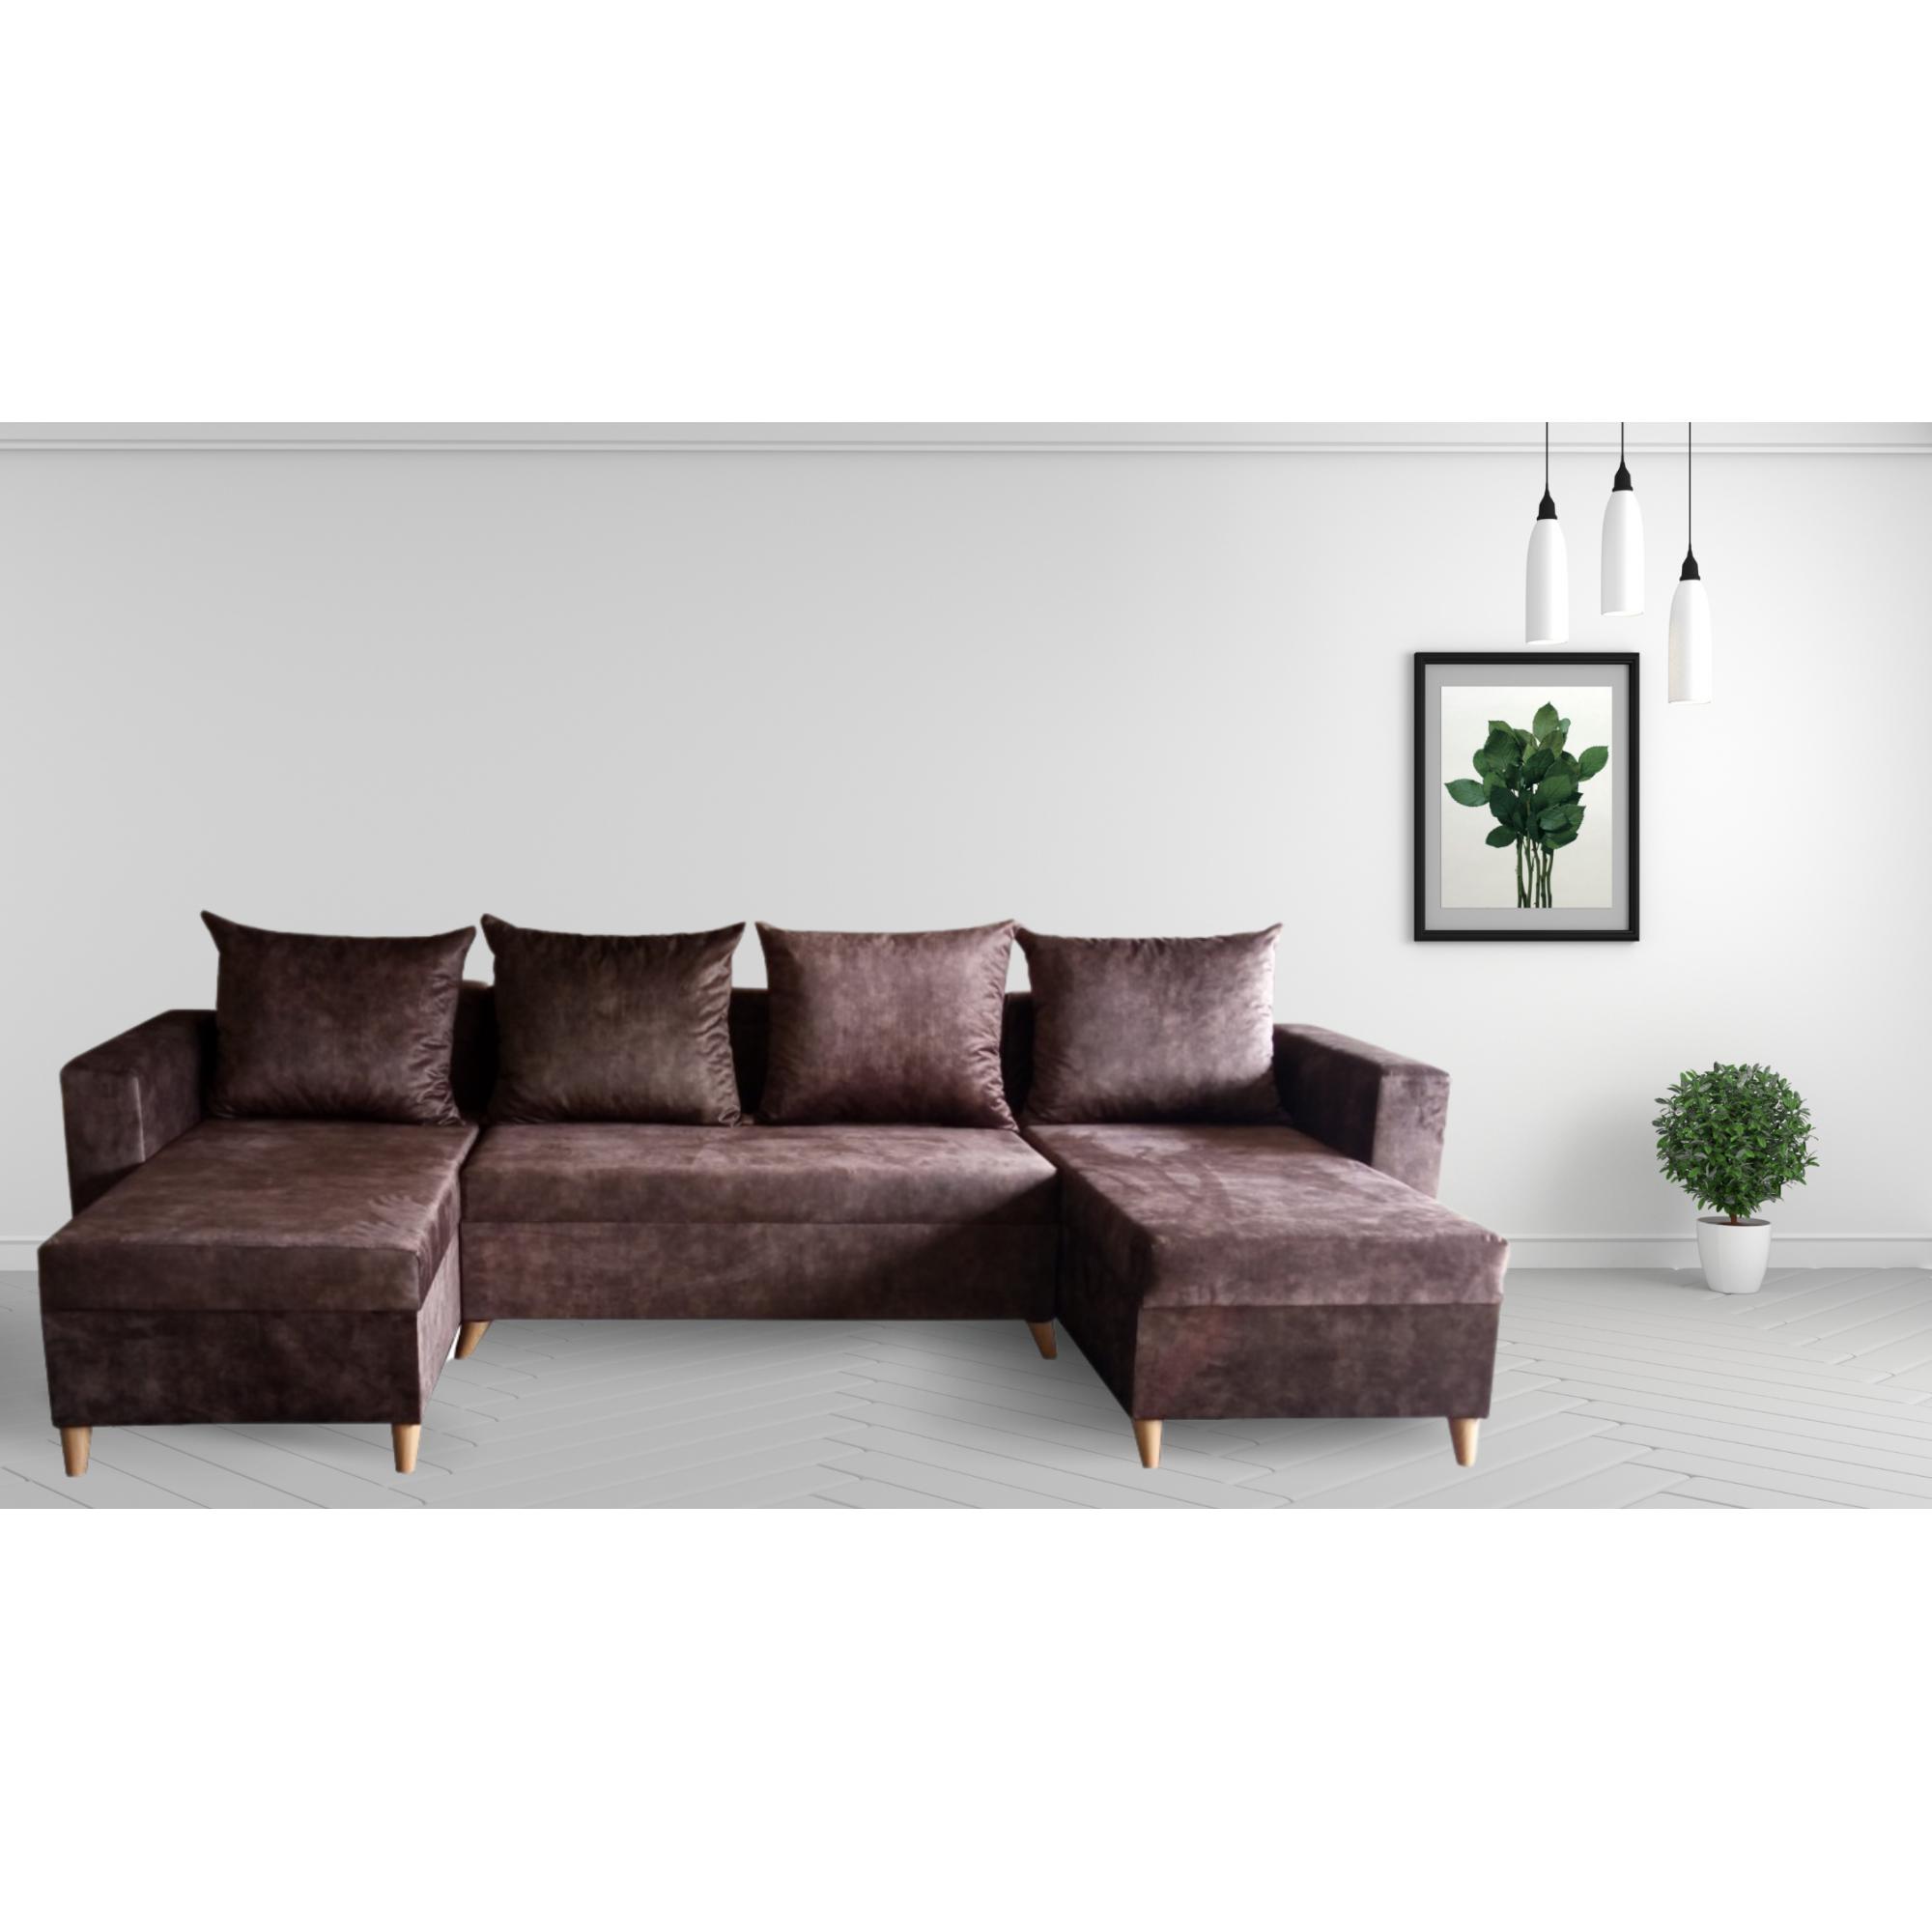 Разтегателен ъглов п-образен диван ANDOLI Promo-M ramada java PO дамаска с 3 ракли и 4 бр възглавници